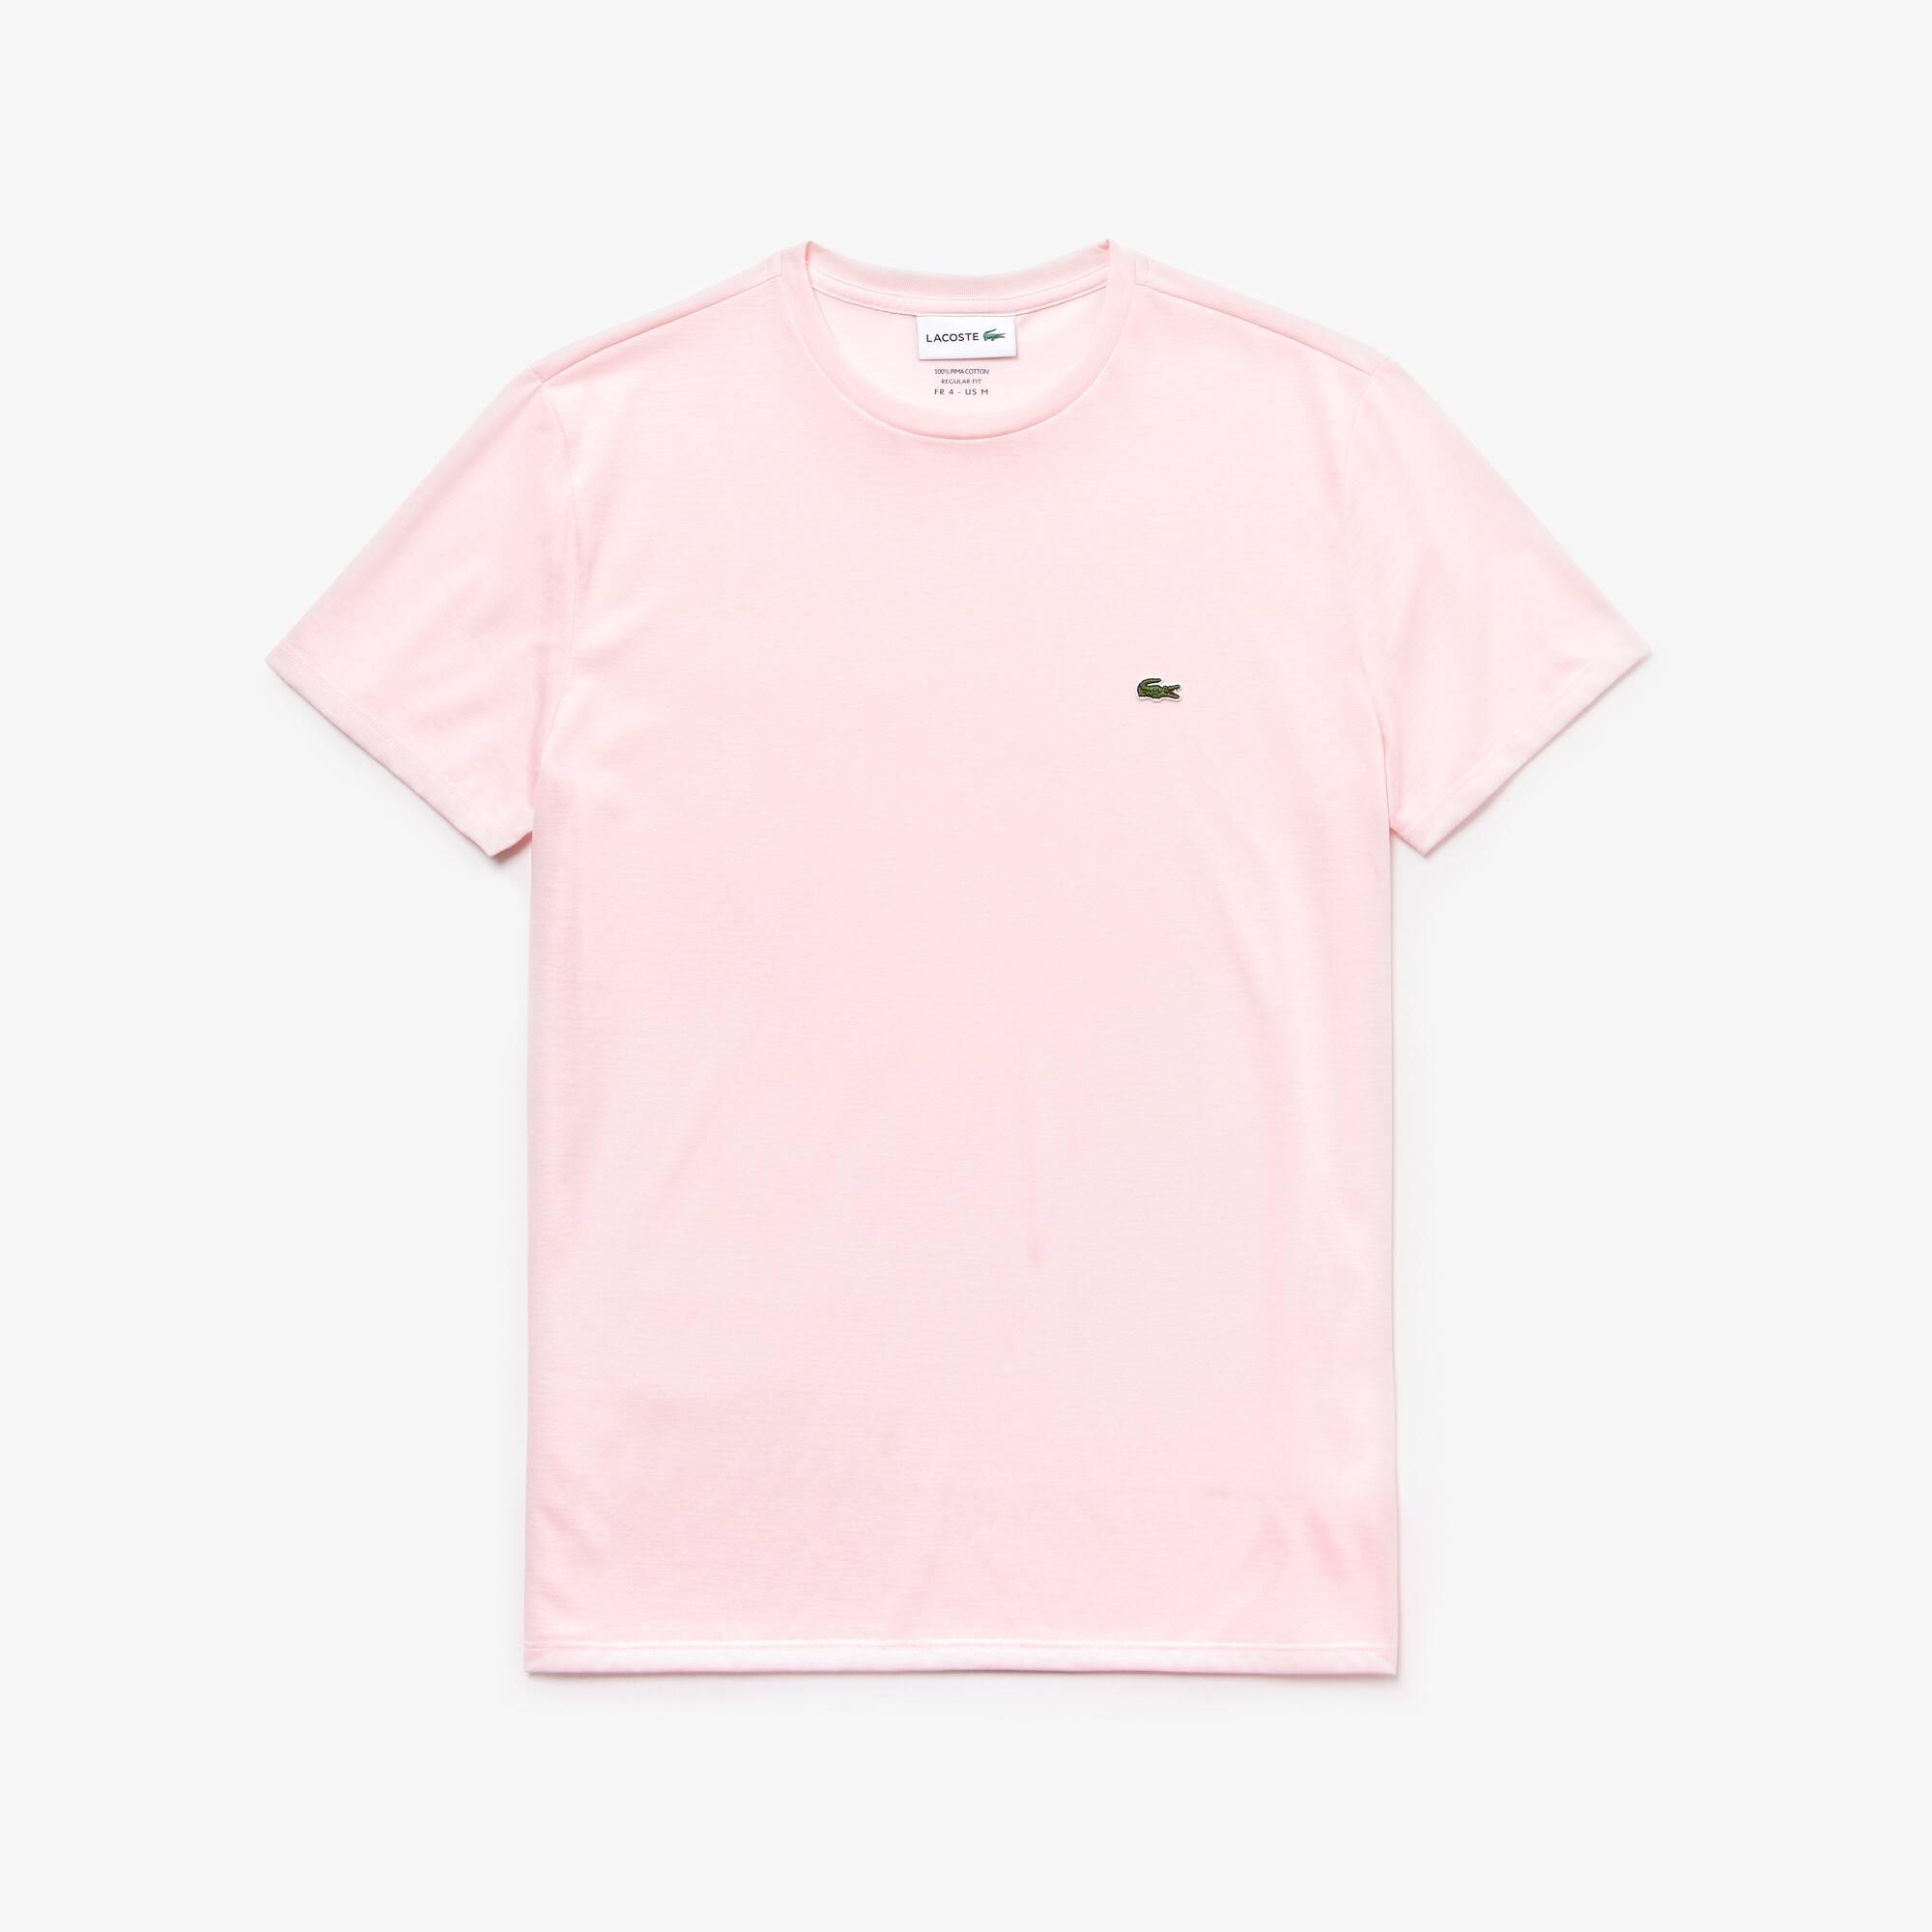 Lacoste Vêtements T Homme Shirts Vêtements T Shirts WqxWwnZzpU